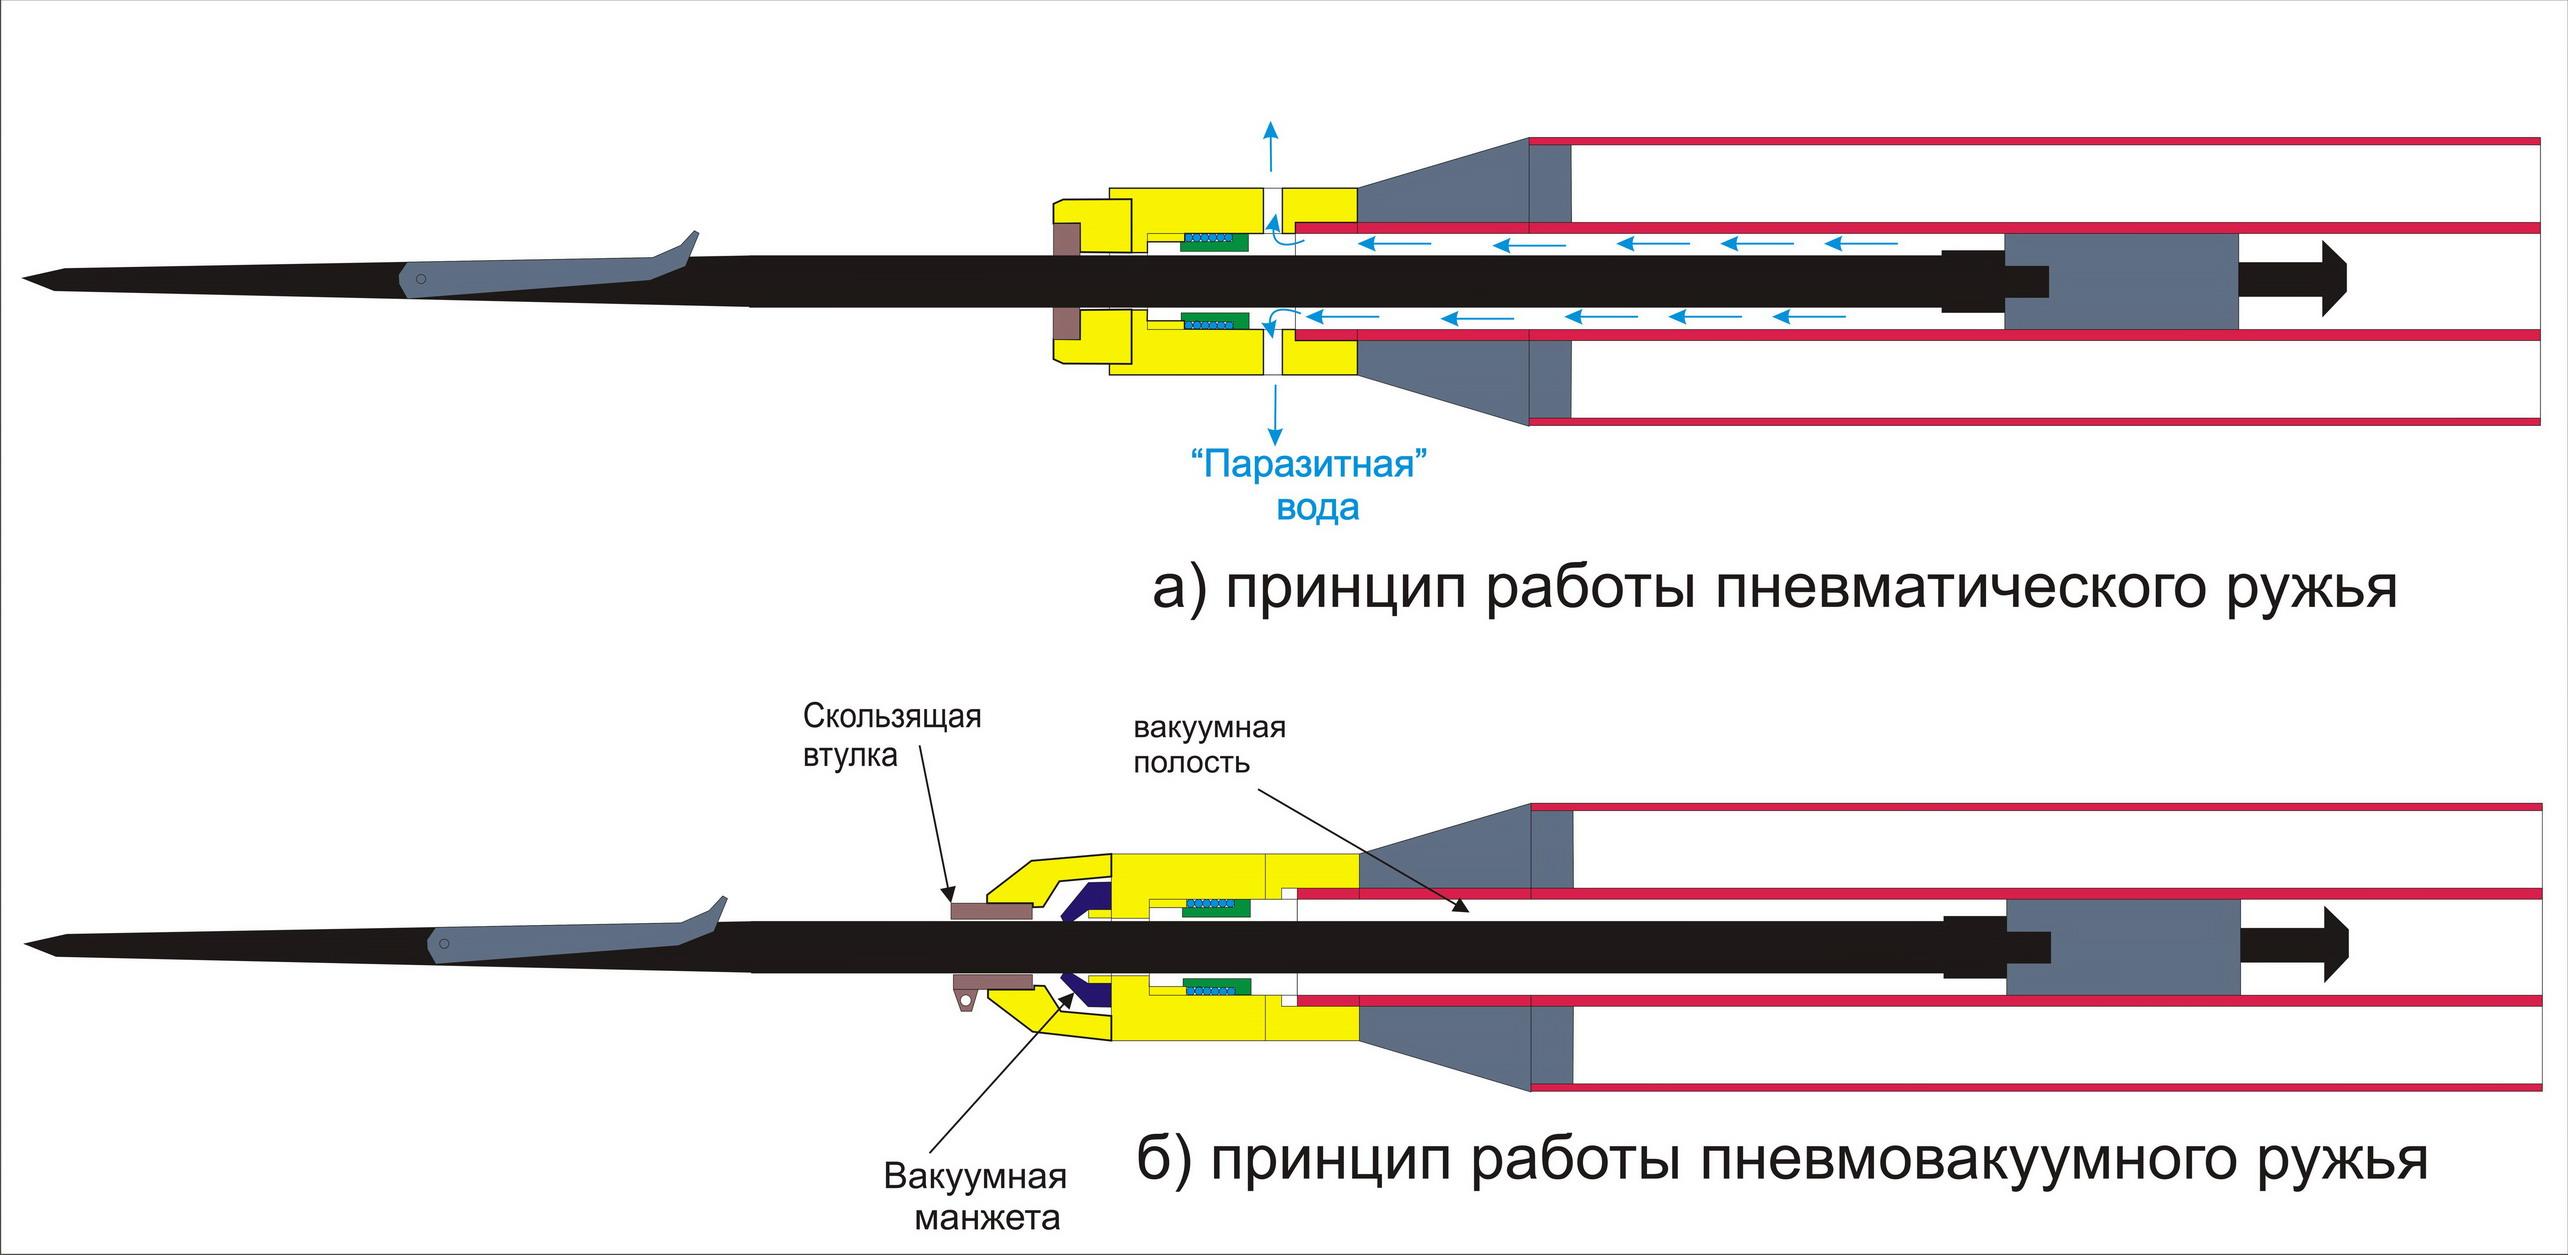 Ружье пневматическое для подводной охоты своими руками